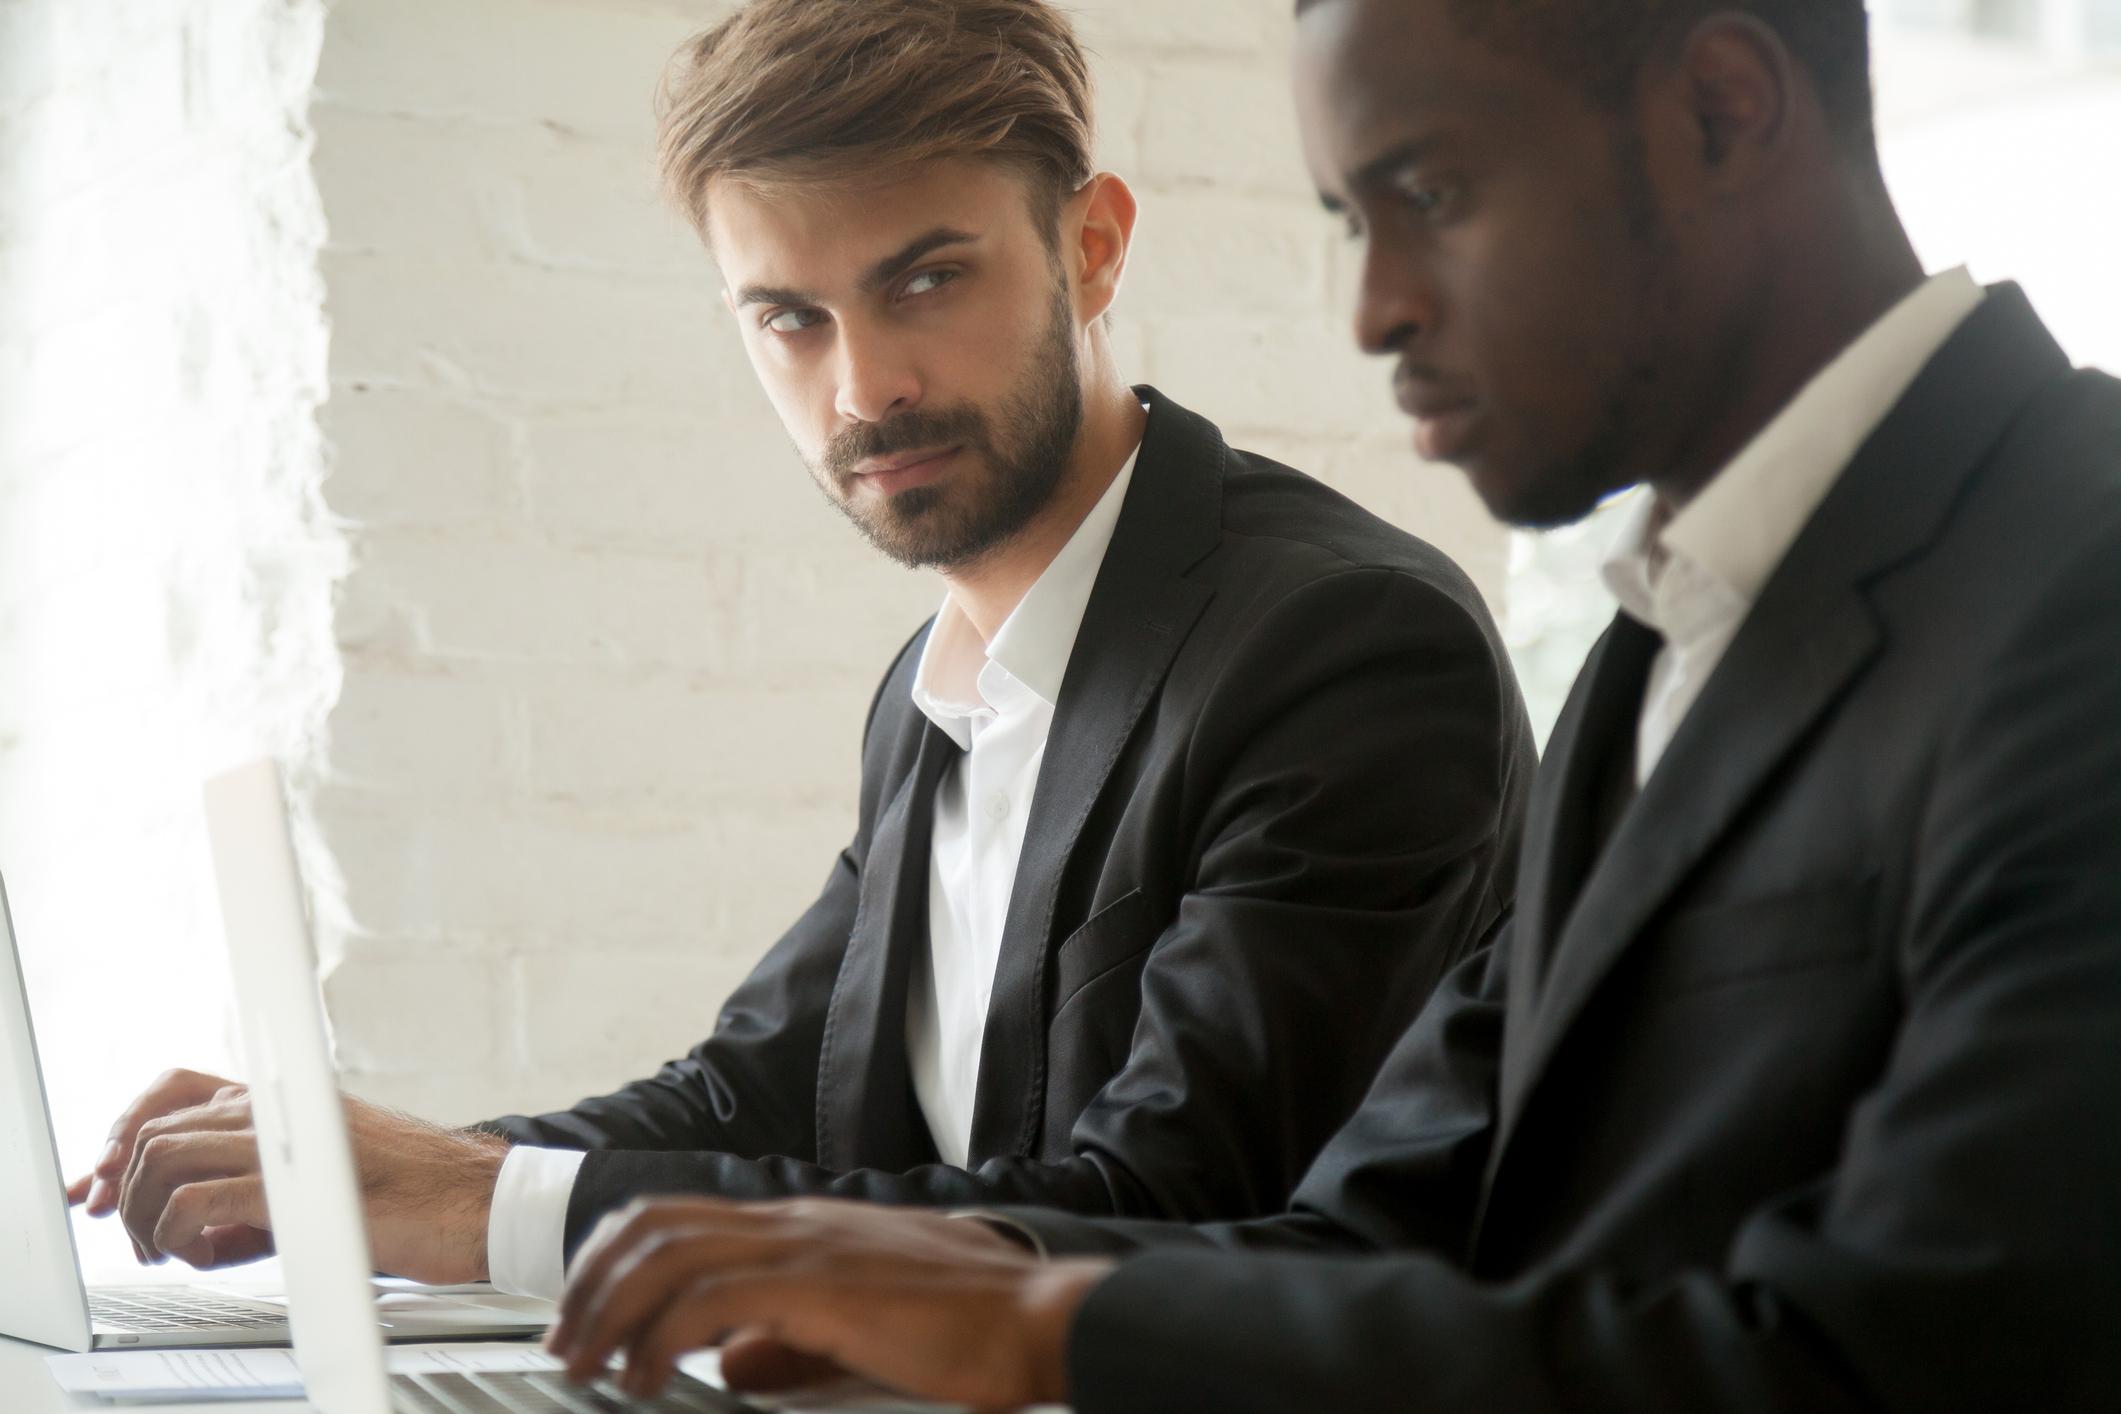 Racismo laboral: consejos para combatirlo y prevenirlo